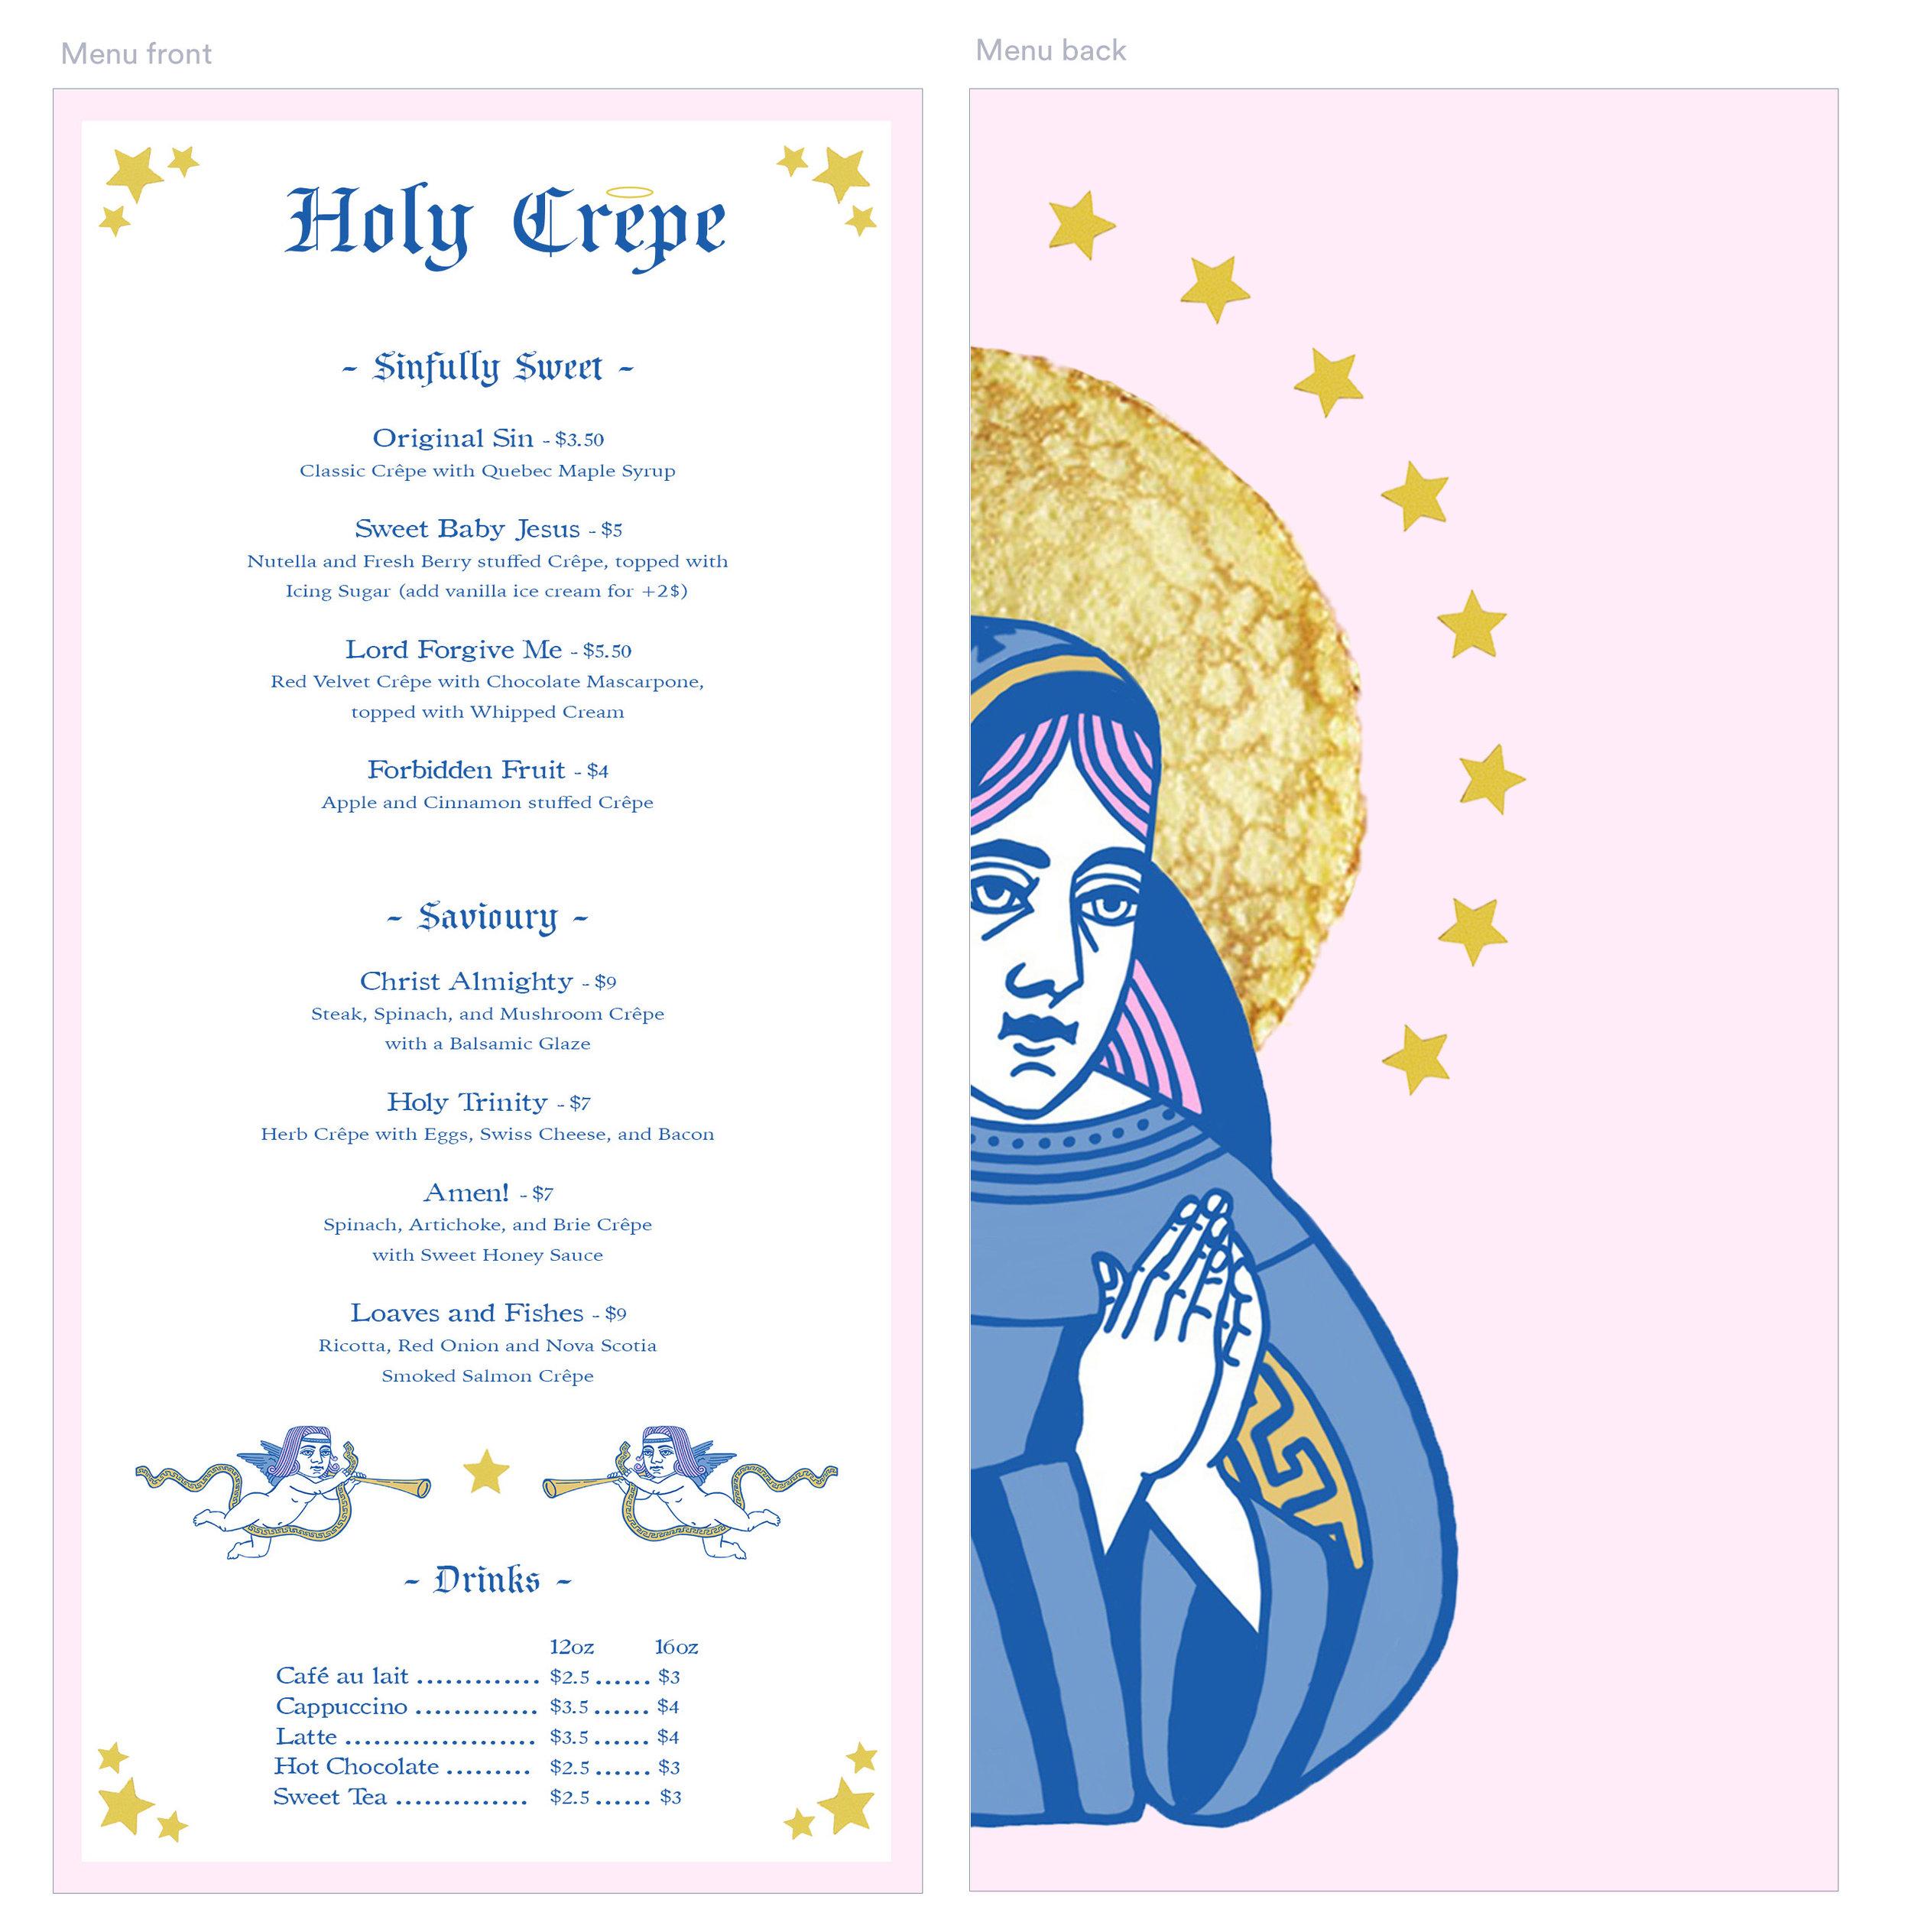 menu-front-back.jpg